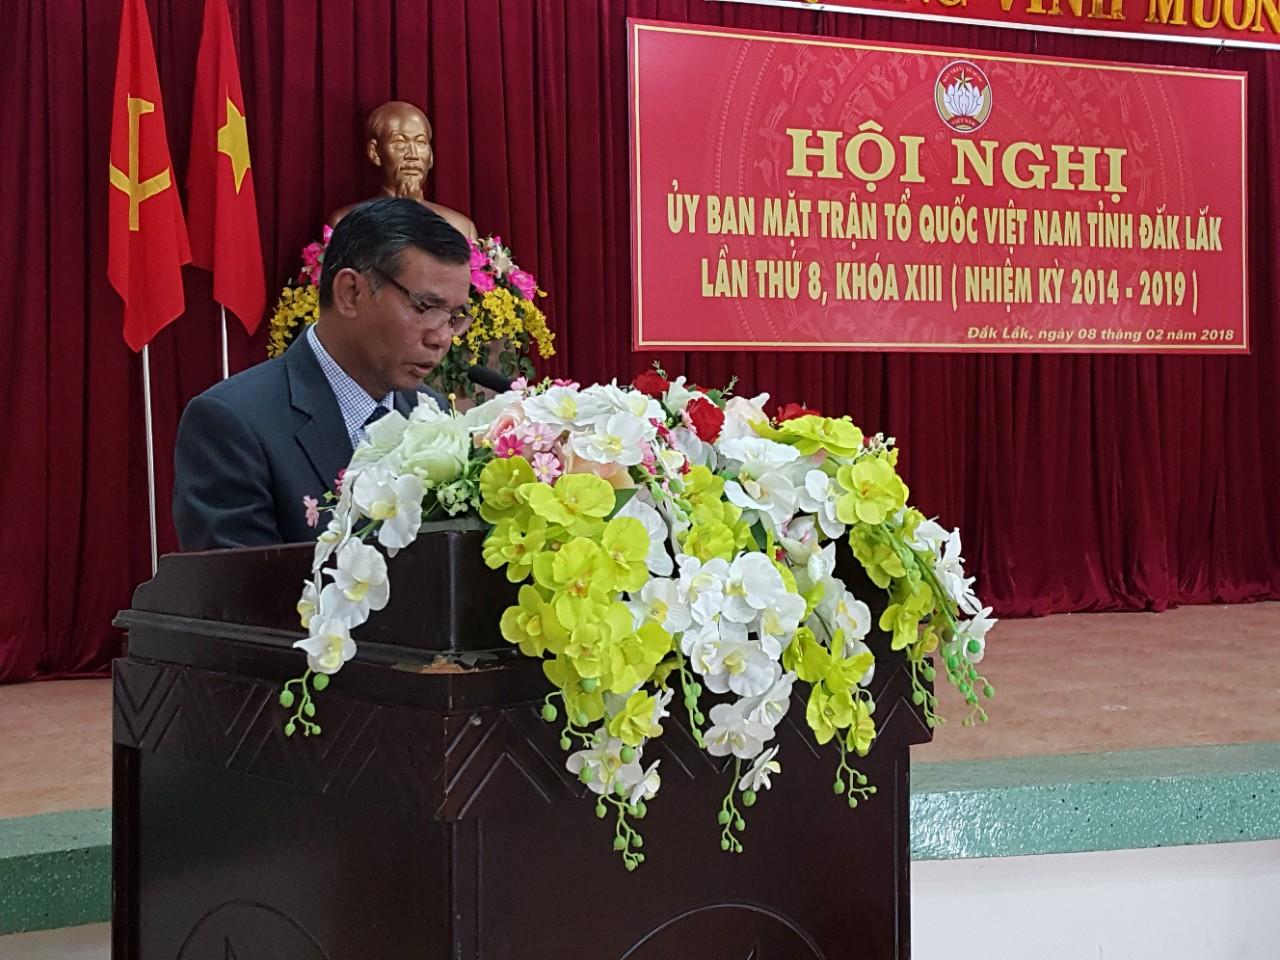 Hội nghị Ủy ban MTTQ VN lần thứ tám, khóa XIII, nhiệm kỳ 2014 – 2019